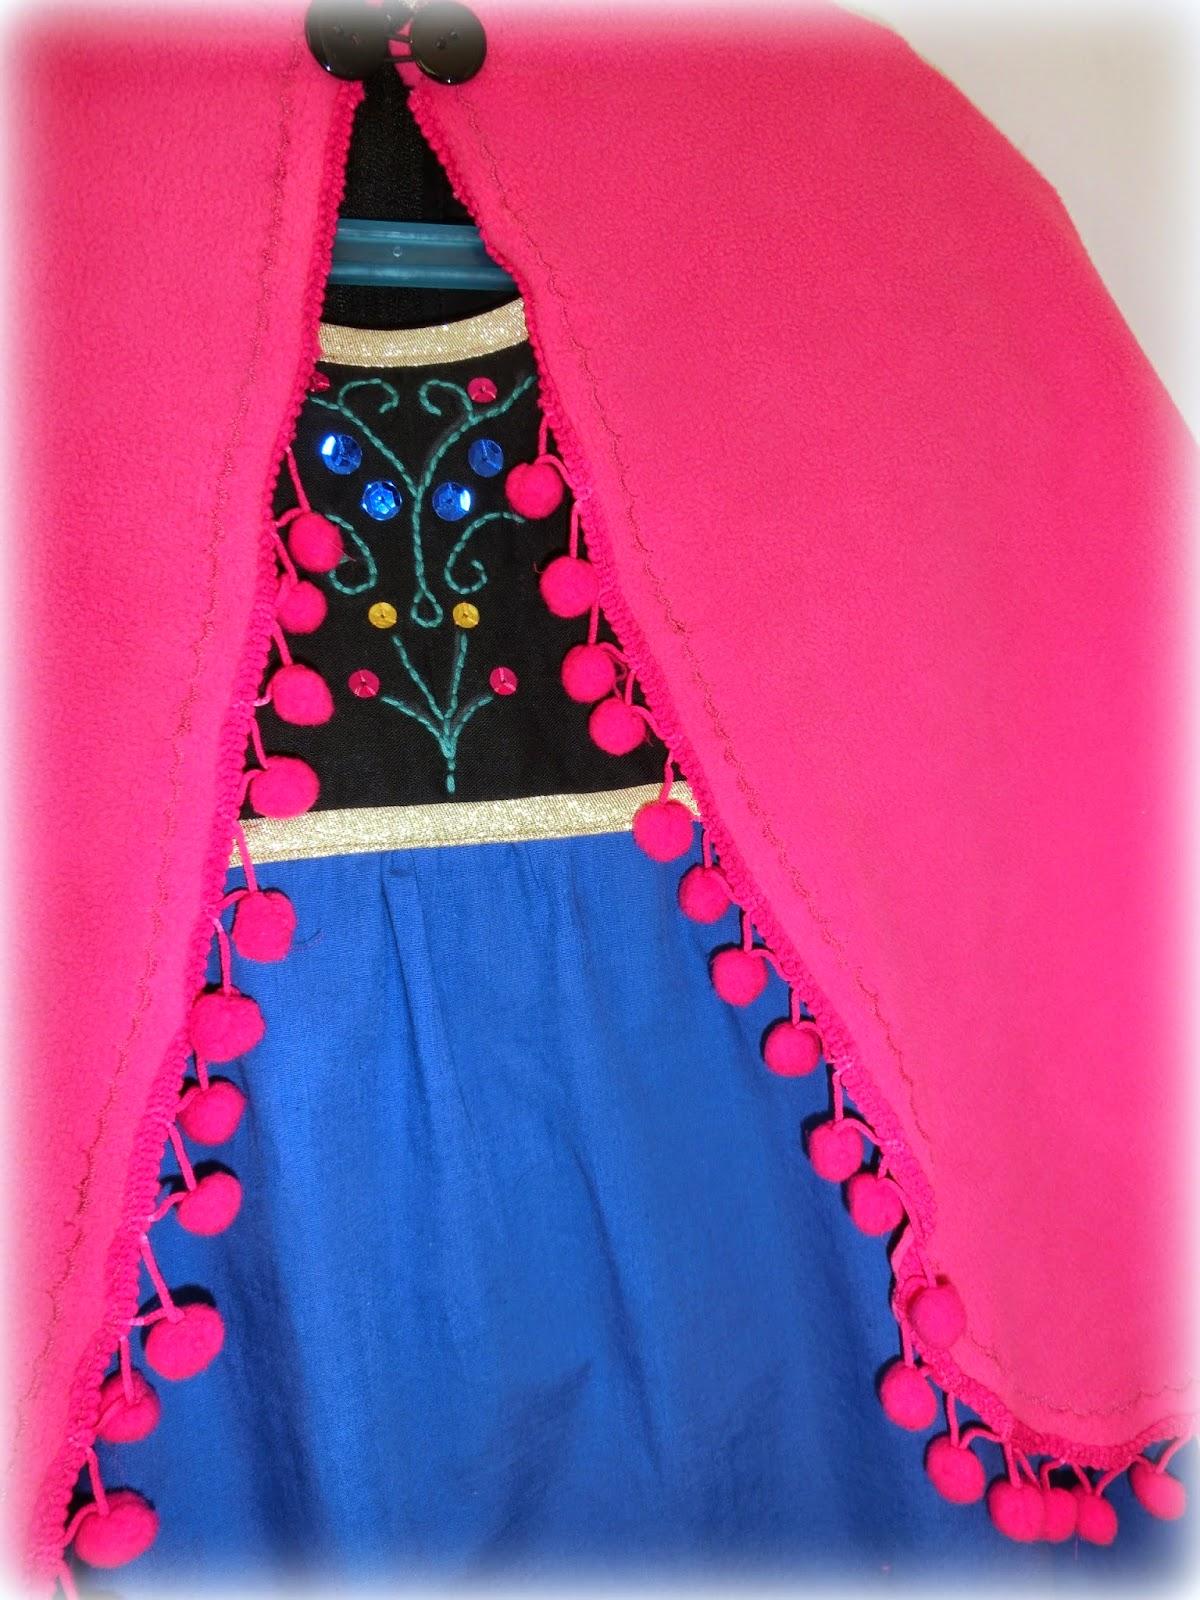 les tissus nont pas t difficiles trouver la robe est tout simplement en coton de diffrentes couleurs du noir pour le haut du bleu roi pour le bas